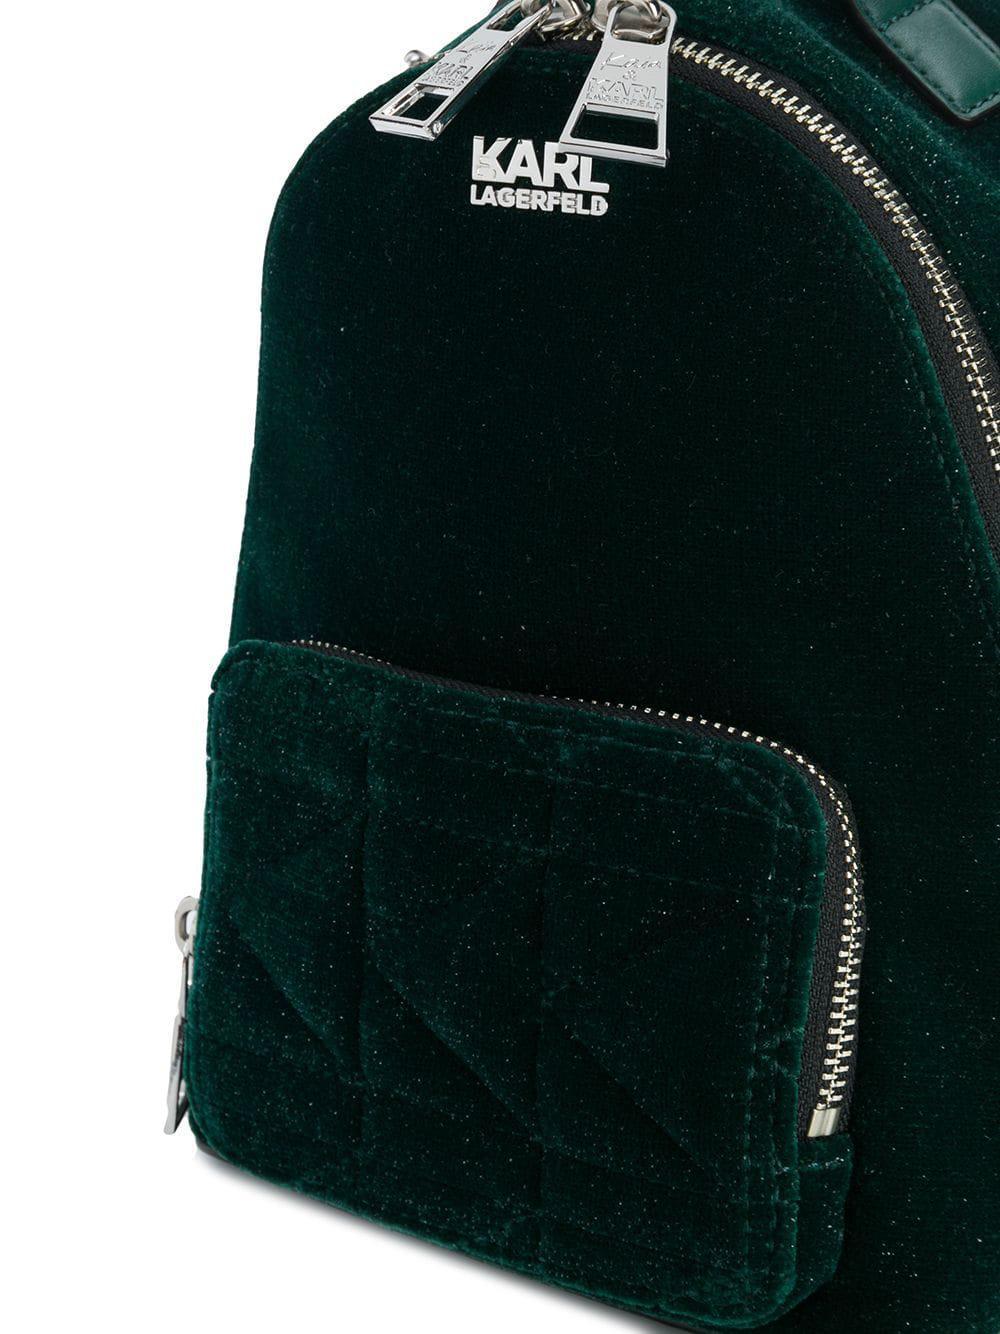 Karl Lagerfeld Karl X Kaia Velvet Mini Bpack in Green - Lyst